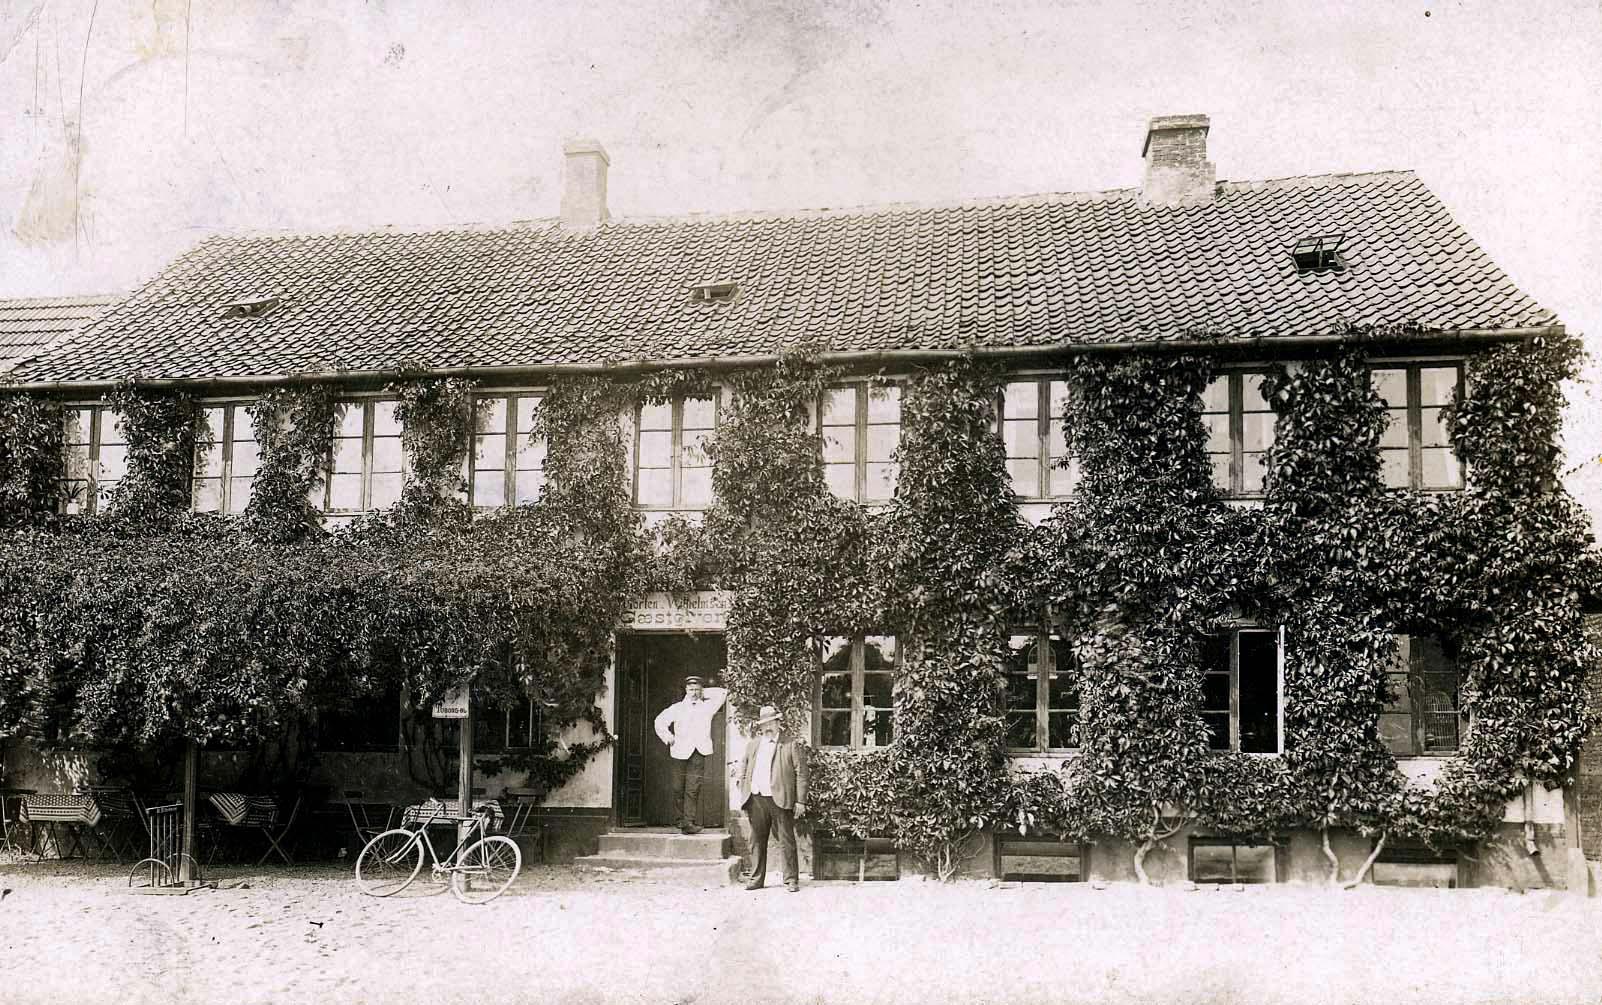 Gammel Landbohjem i Slangerupgade 6, dækket i efeu. Det skulle angiveligt være værten selv, der ses foran værtshuset